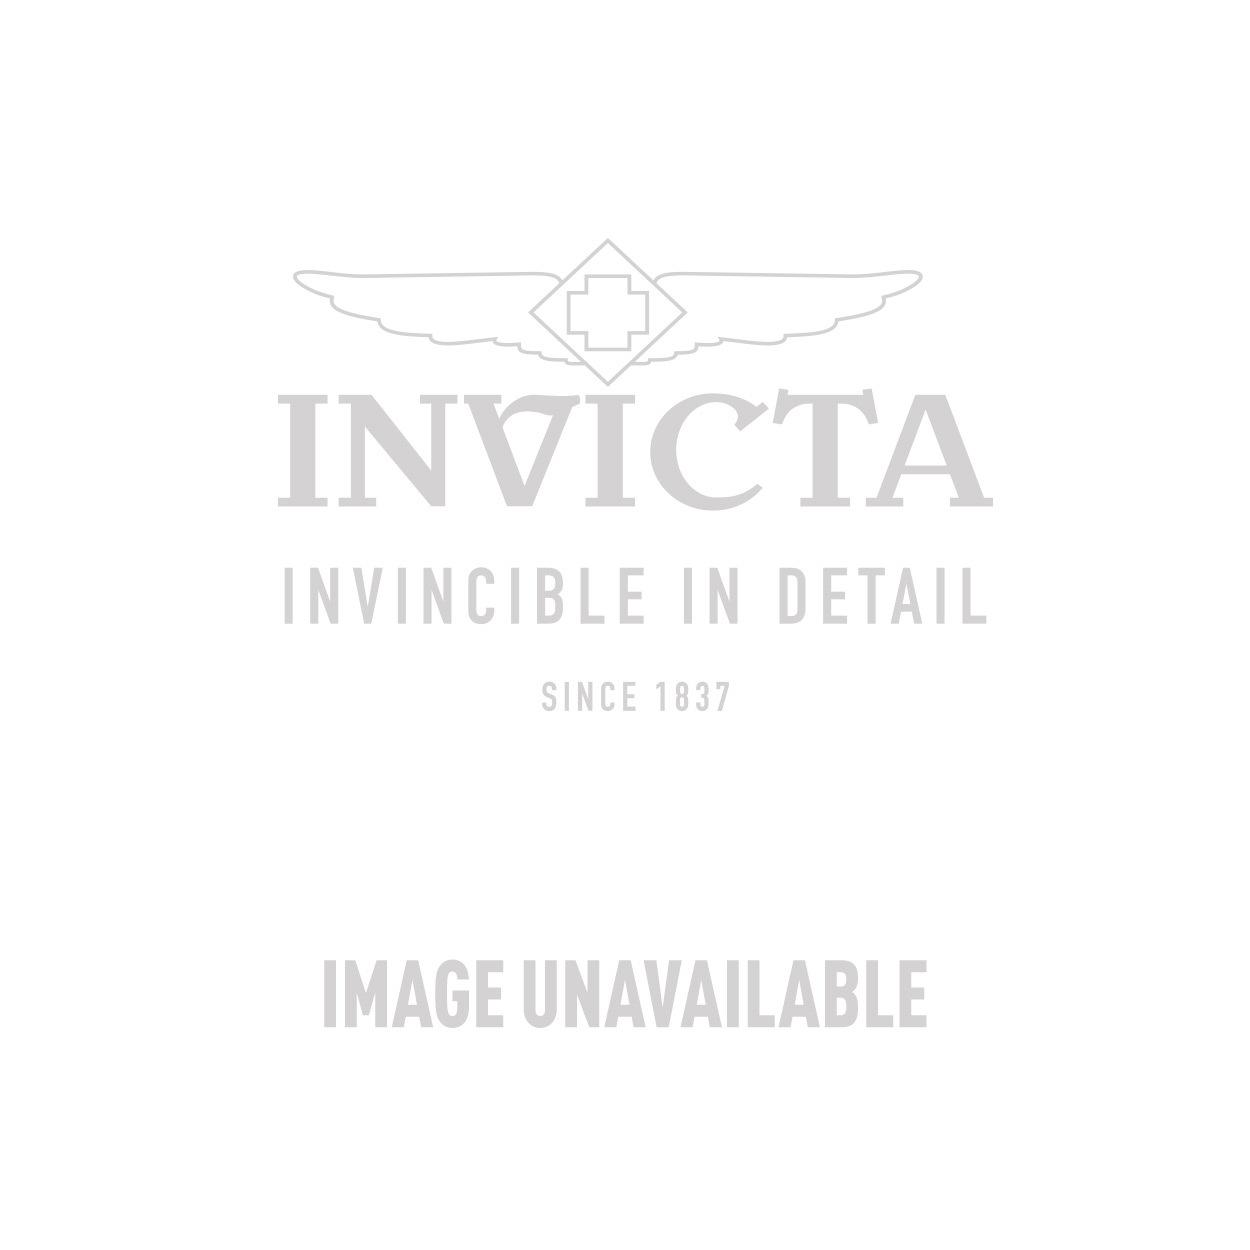 Invicta Model 25678